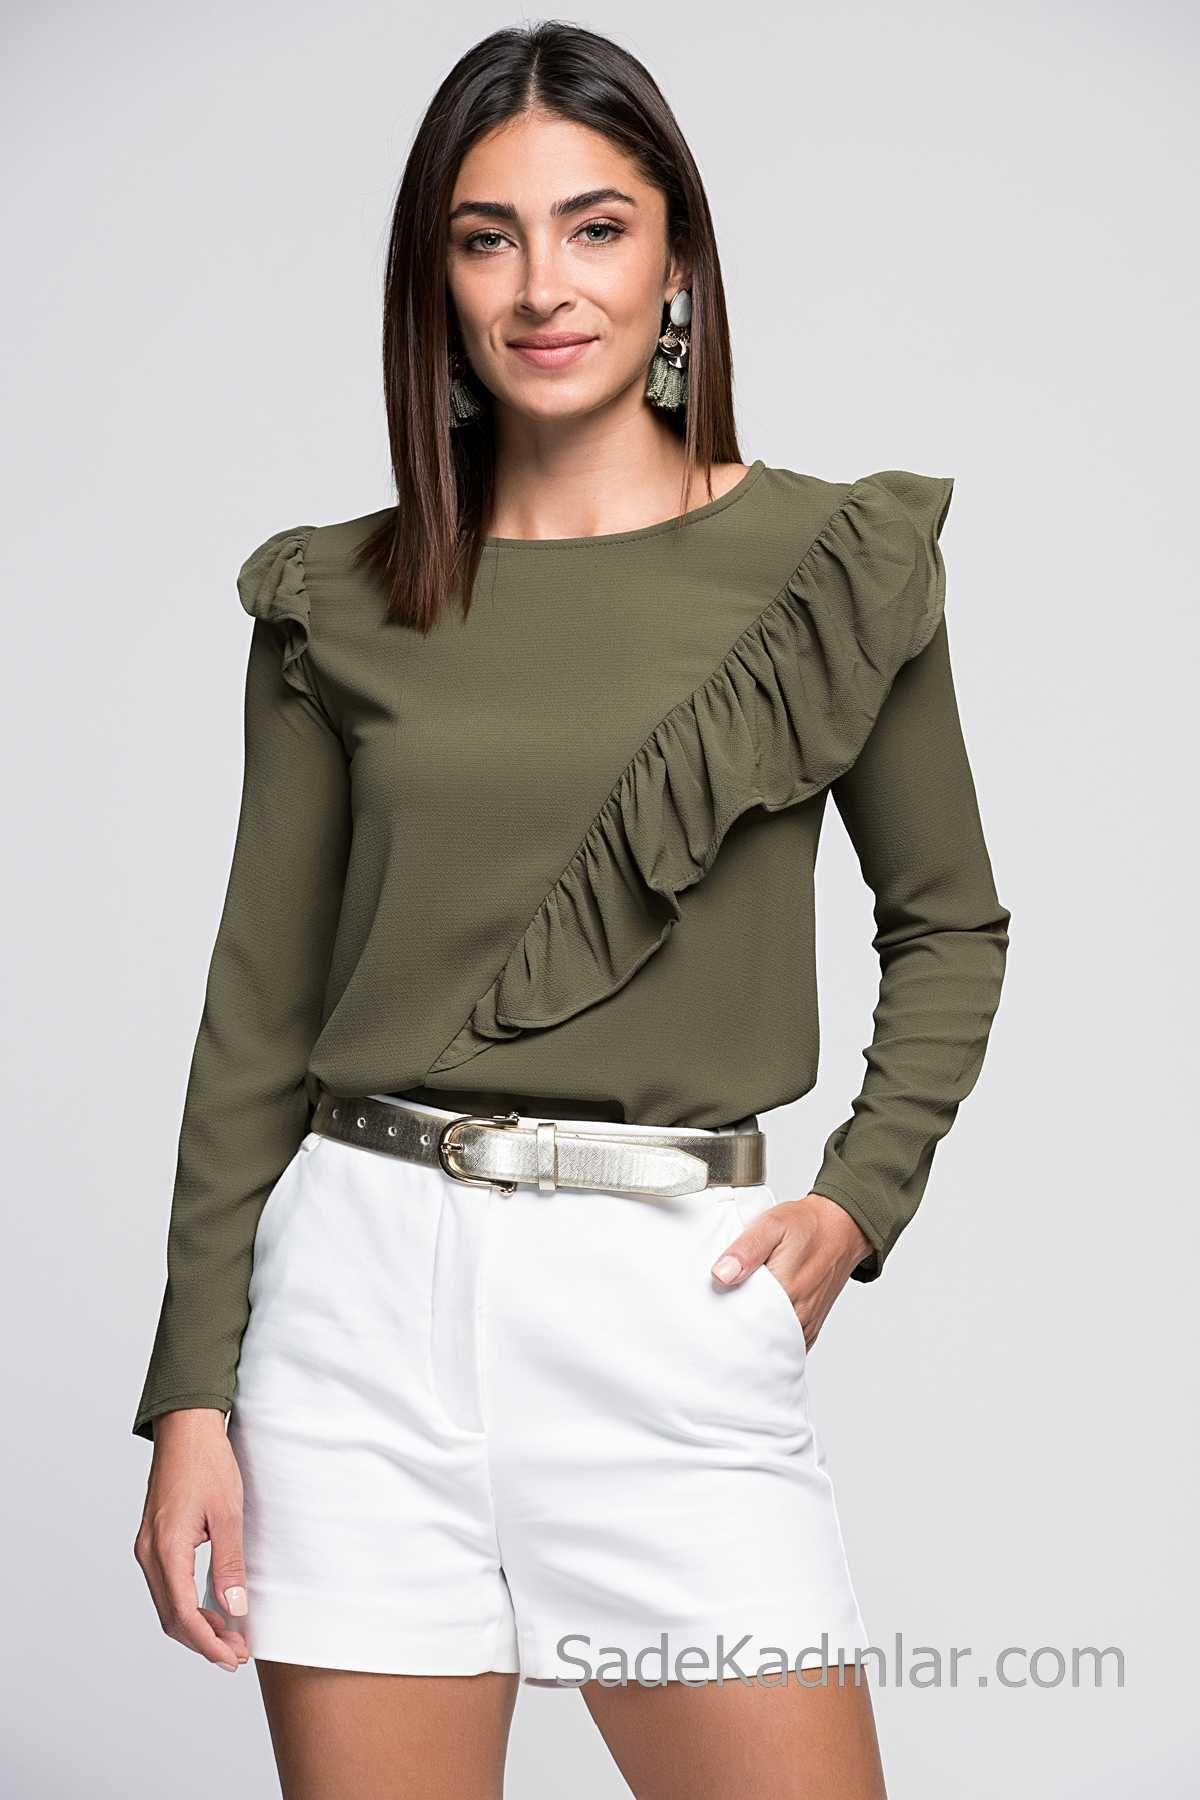 4e16abf245d90 Şık Kombinler İçin 2019 Bluz Modelleri Yeşil Yuvarlak Yaka Yandan ...